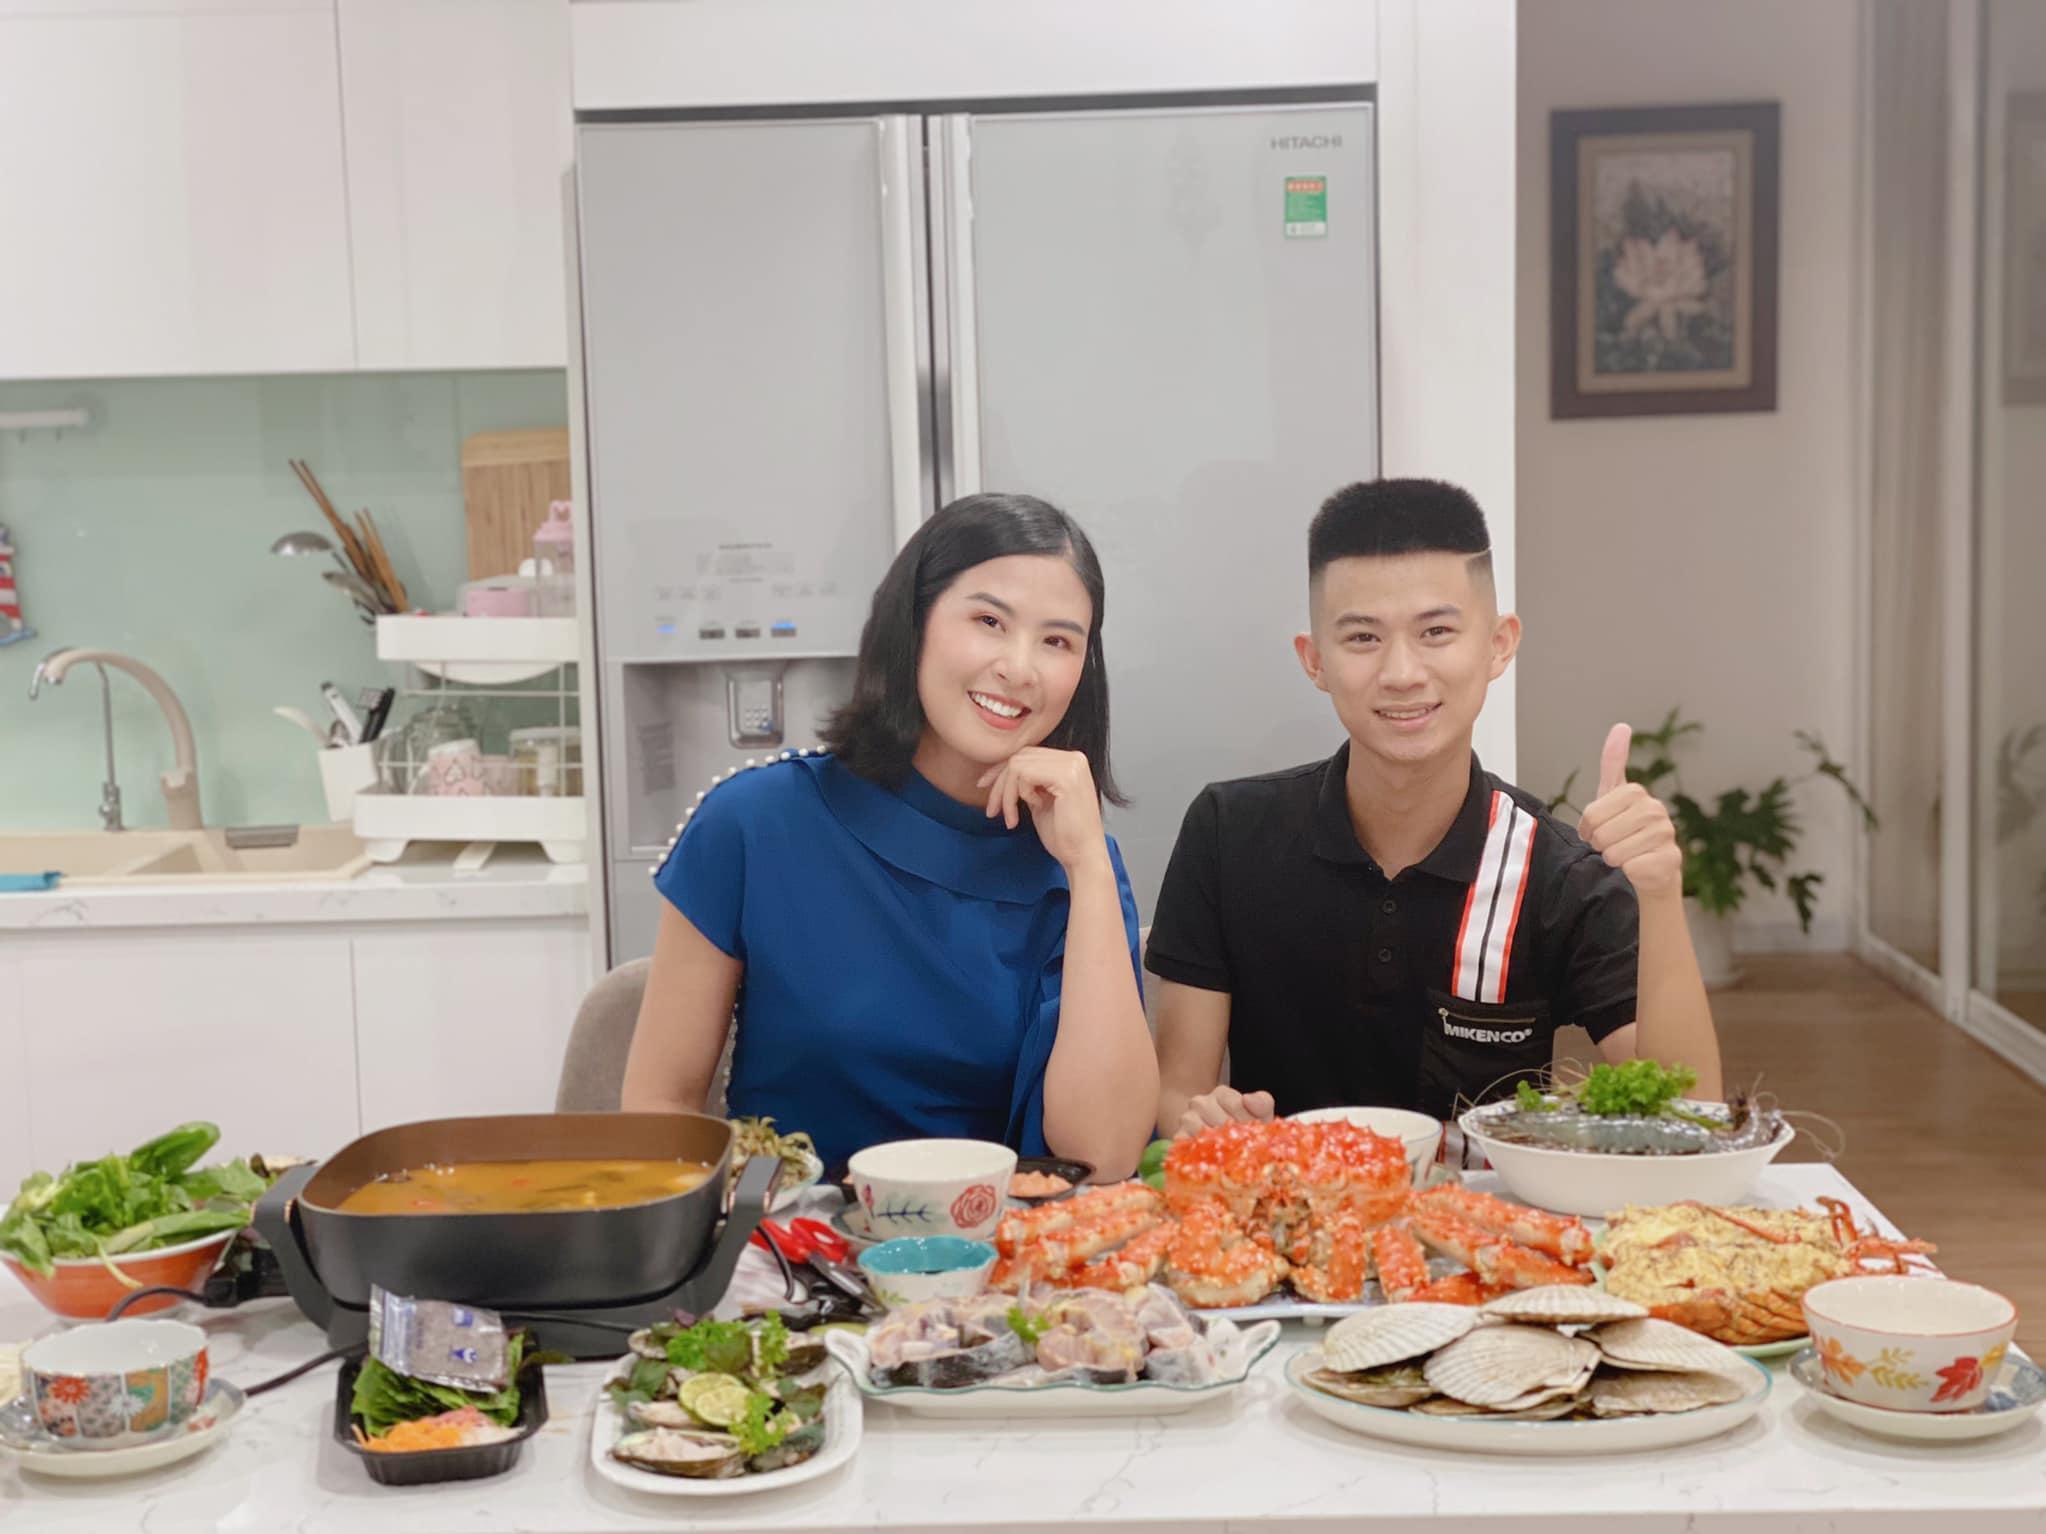 Chủ cửa hàng Nguyễn Văn Hiếu tiết lộ bí quyết chọn hải sản chất lượng